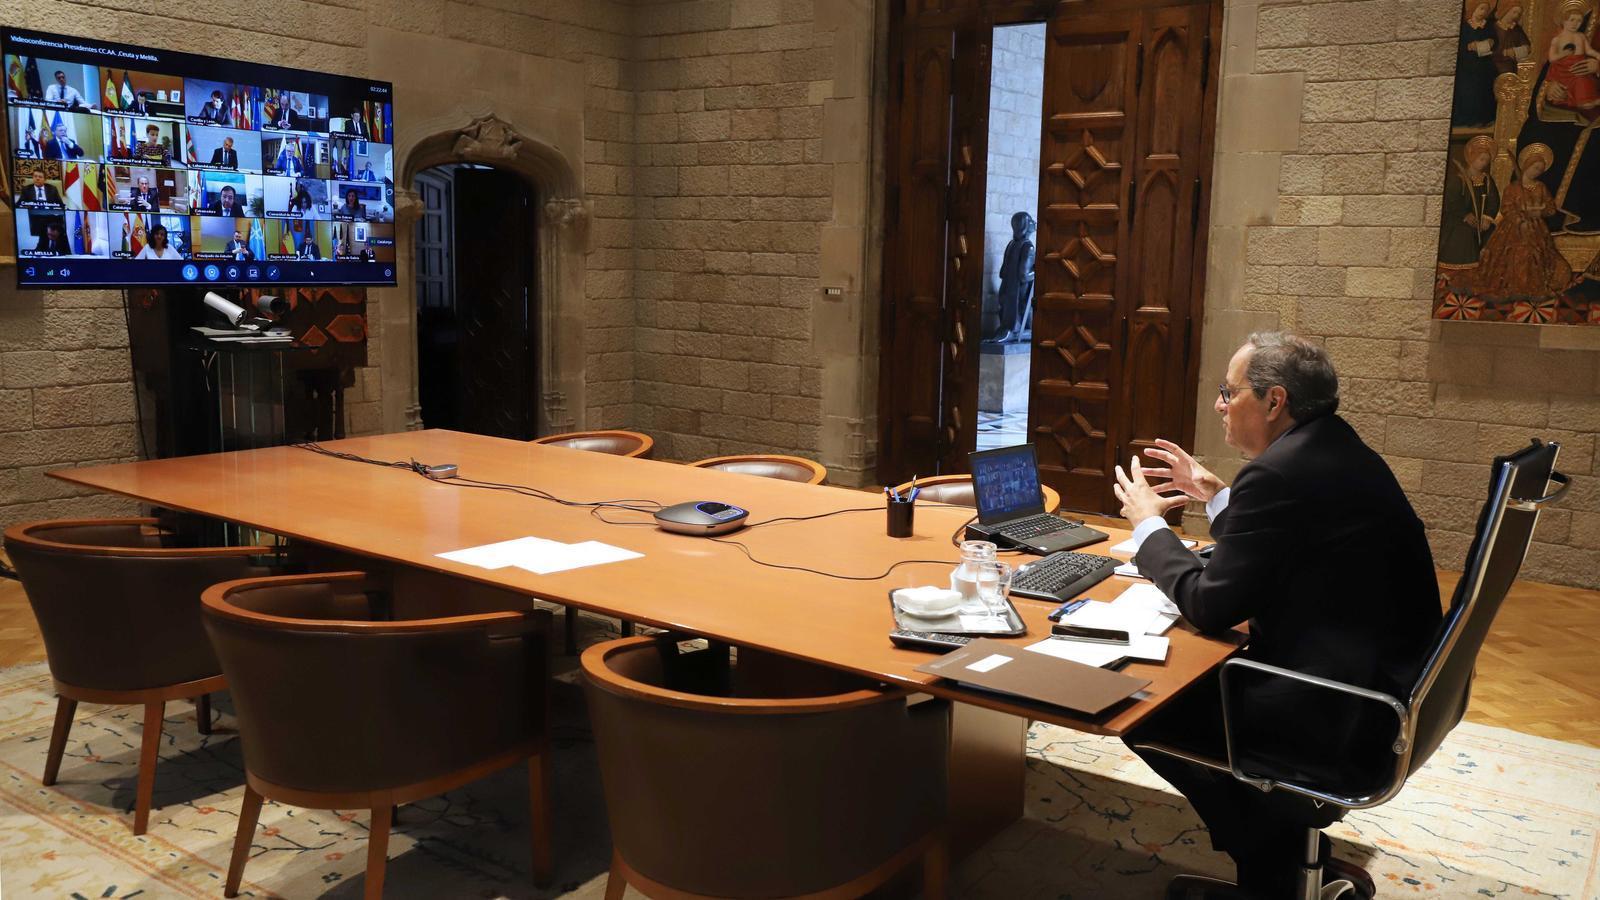 El president de la Generalitat, Quim Torra, durant la conferència amb el govern espanyol i la resta de presidents autonòmics